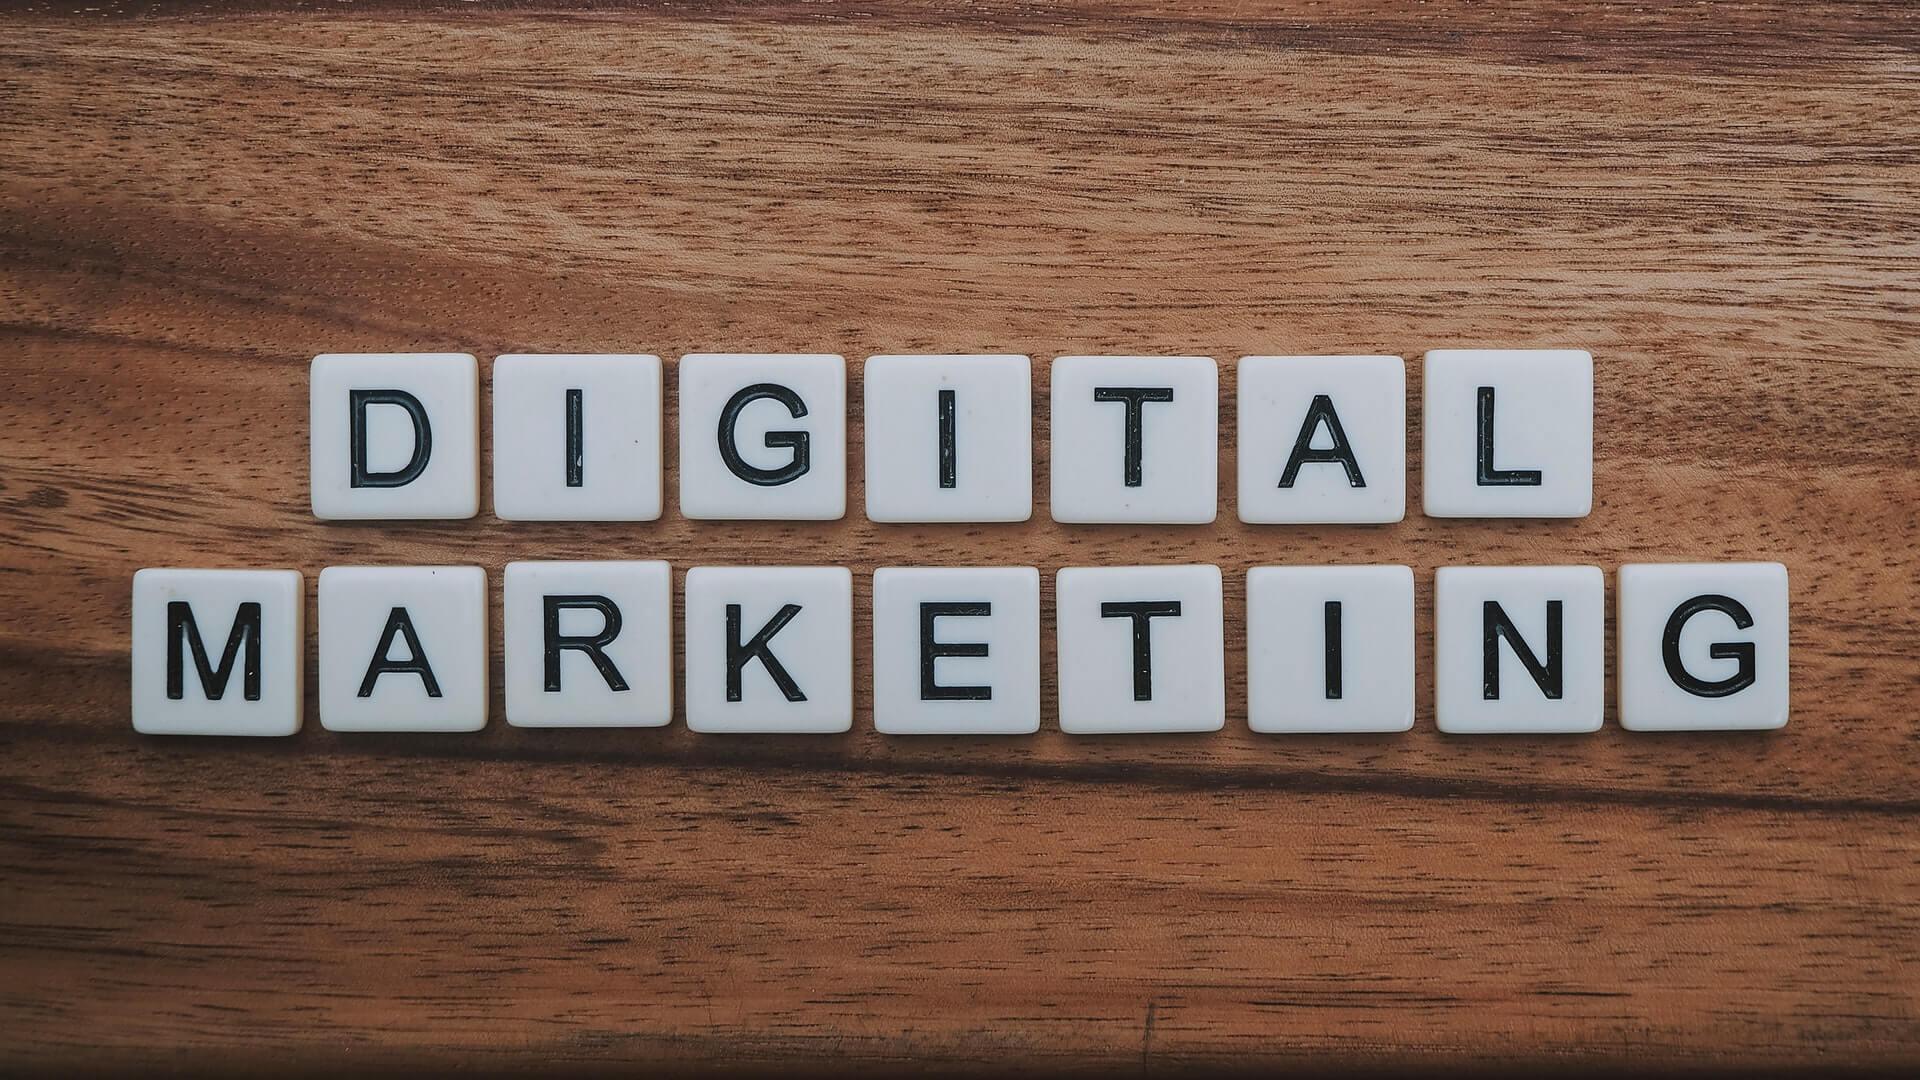 diggity marketing SB0WARG16HI unsplash